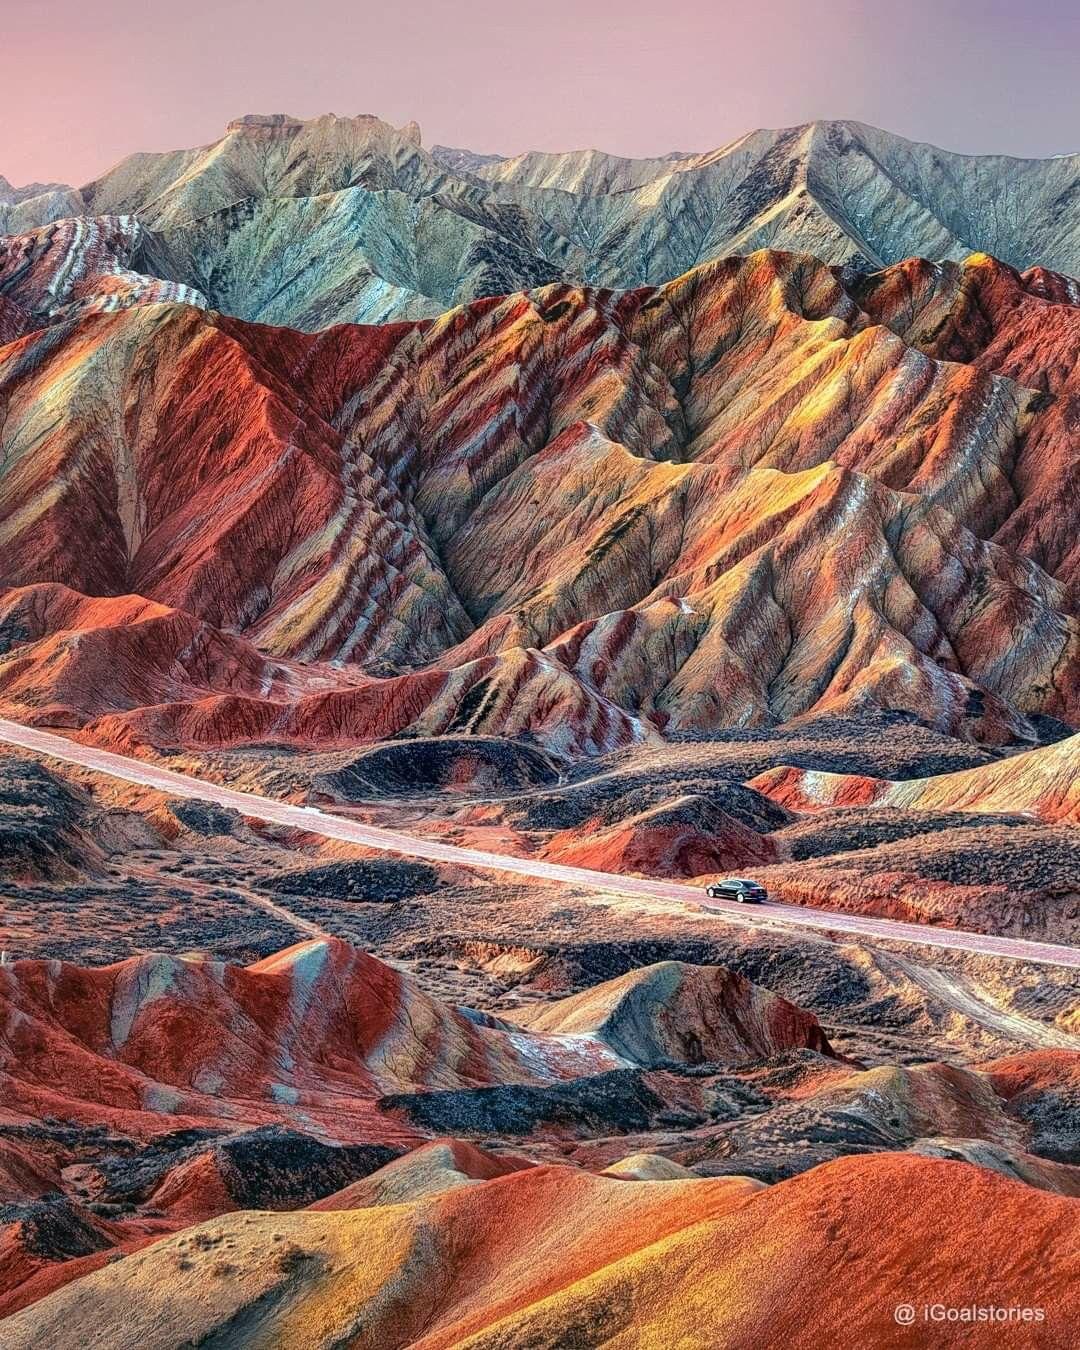 جبال دانكسيا الملونة فى الصين تسمى أيضا جبال قوس قزح من أعجب التكوينات الجيولوجي ة تتميز صخورها بتدرجات Colorful Mountains Zhangye Danxia Landform